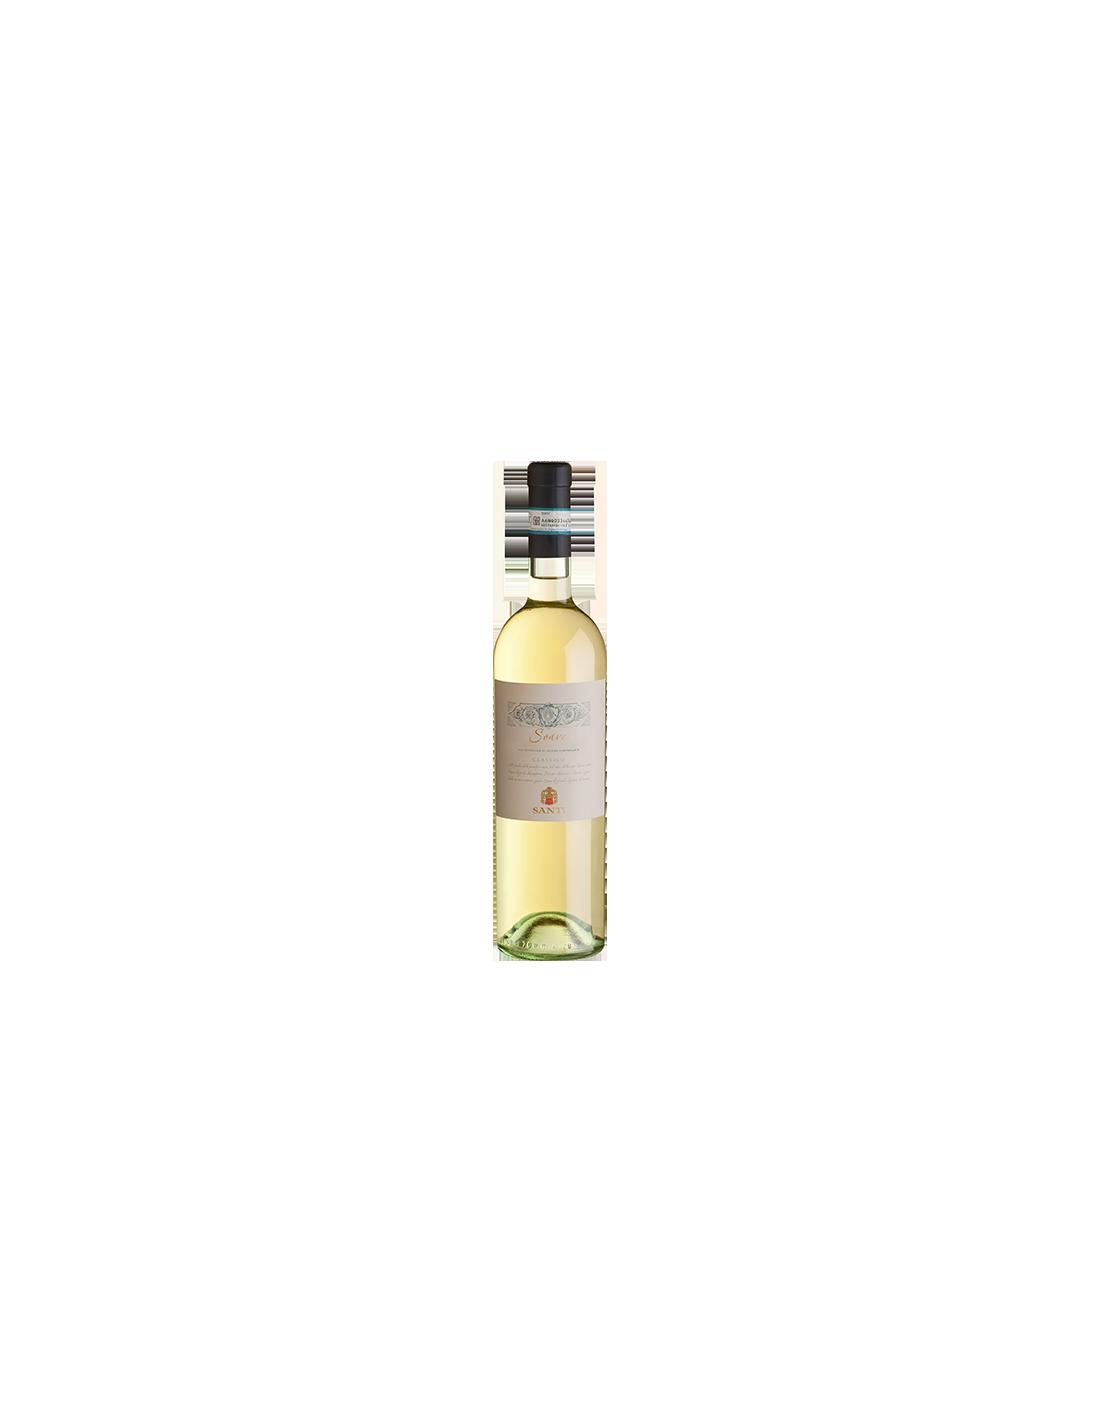 Vin alb, Santi Classico Bardolino, 13% alc., 0.75L, Italia